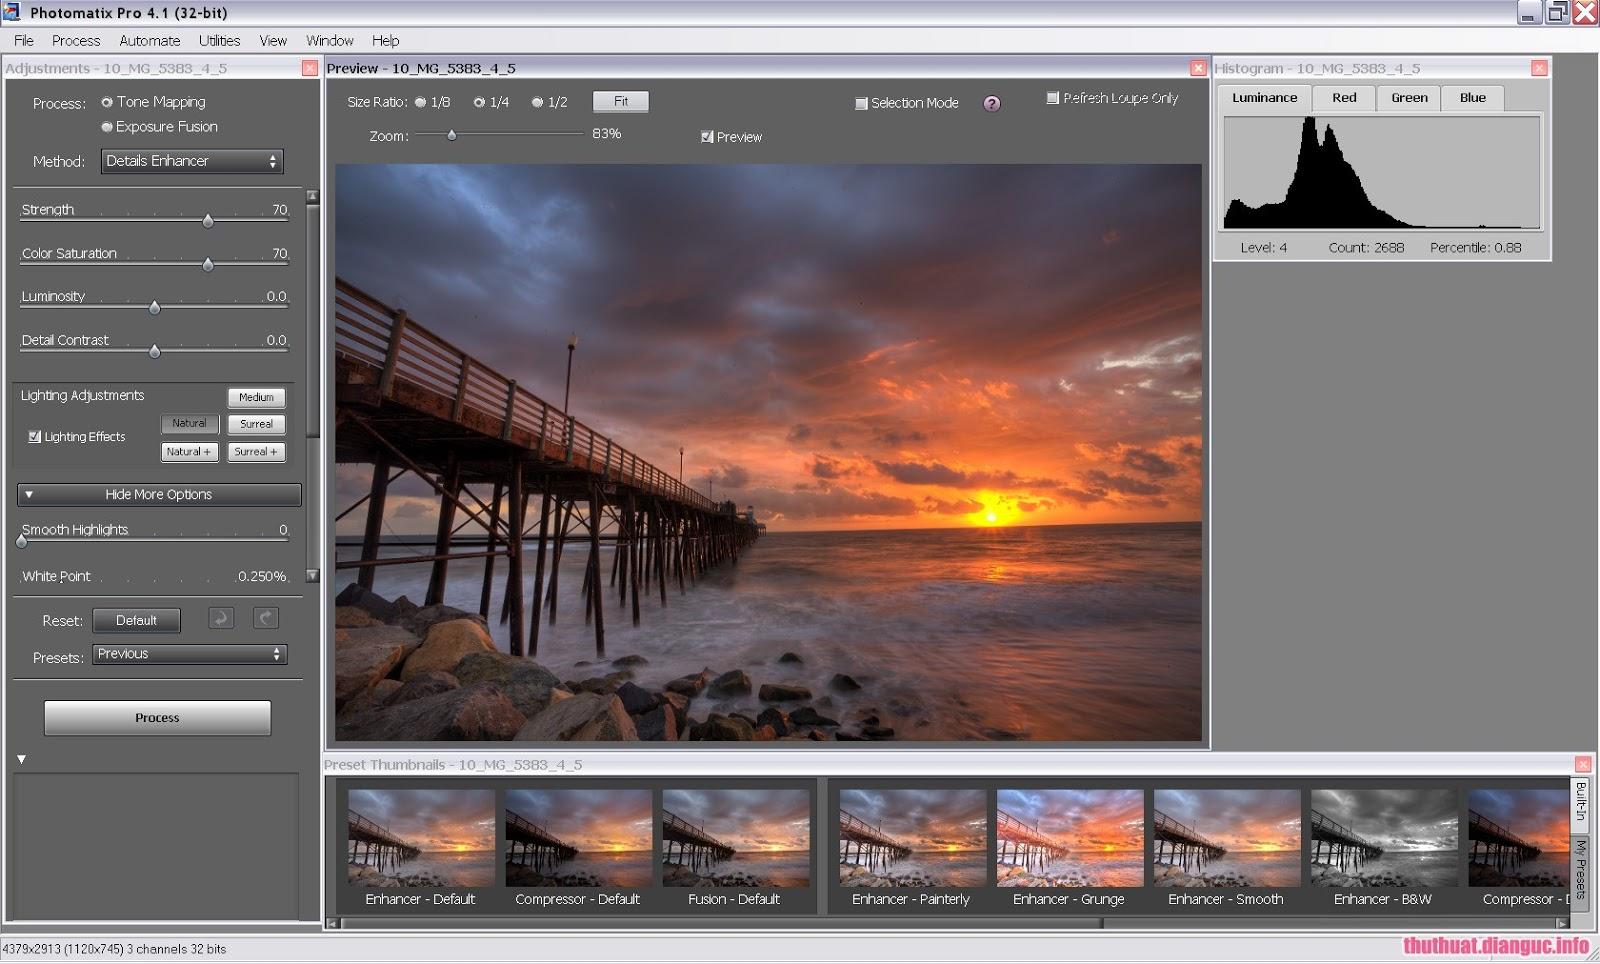 Download HDRsoft Photomatix Pro 6.1.1 Full Key – Phần mềm chỉnh sửa và thiết kế ảnh HDR chuyên nghiệp